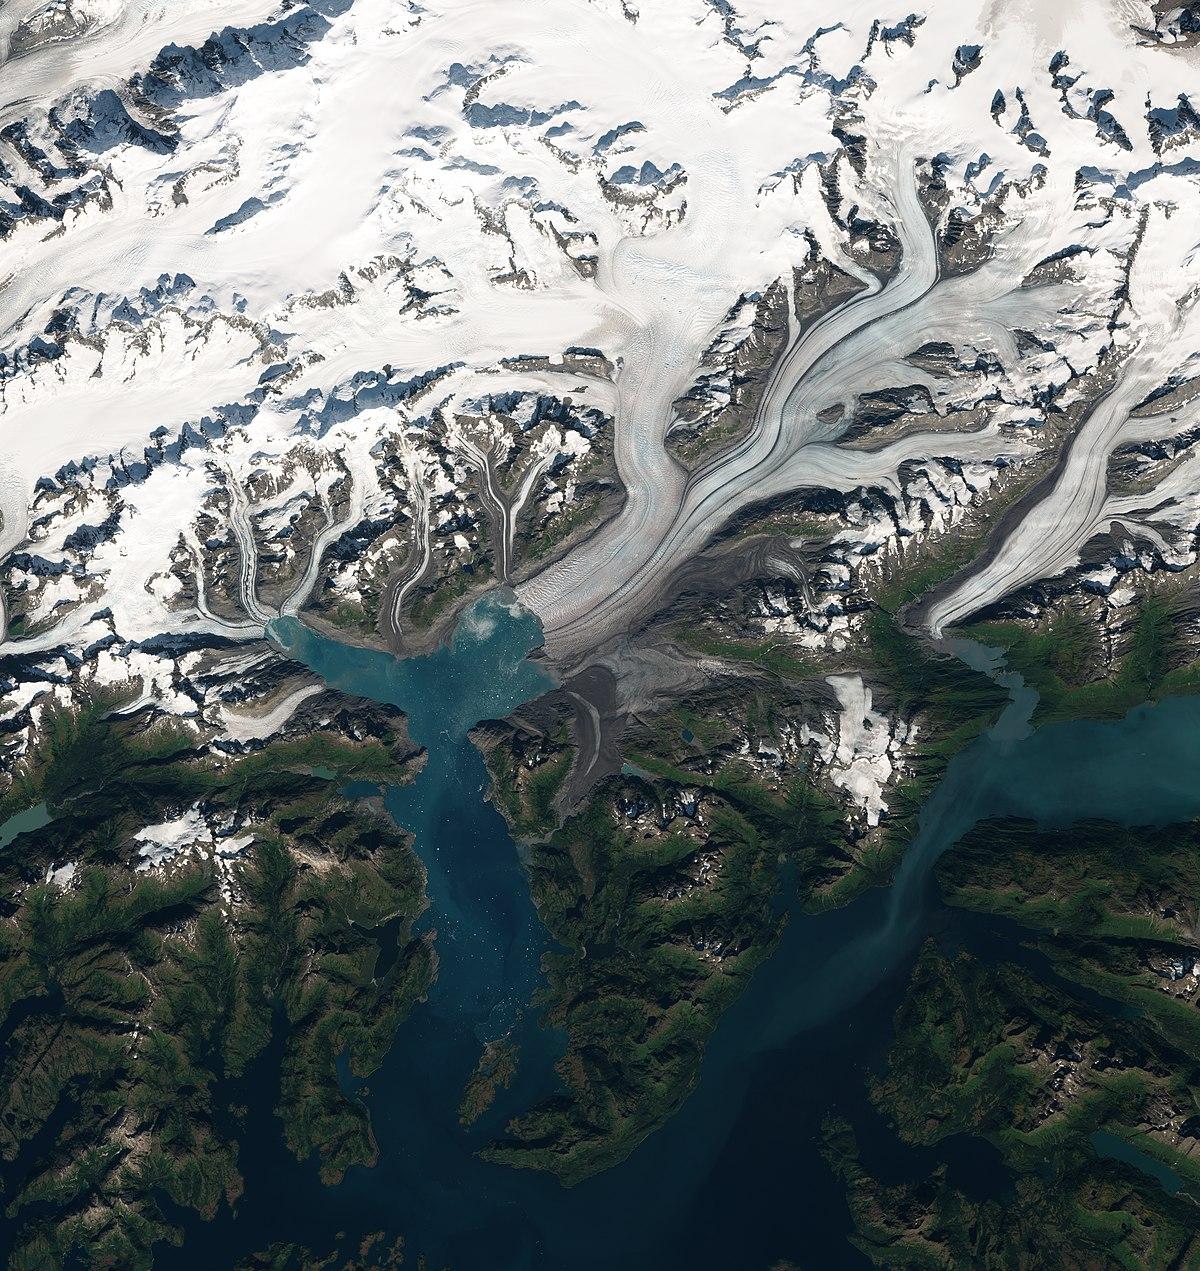 Le recul des glaciers confirmé par de nouvelles données satellitaires